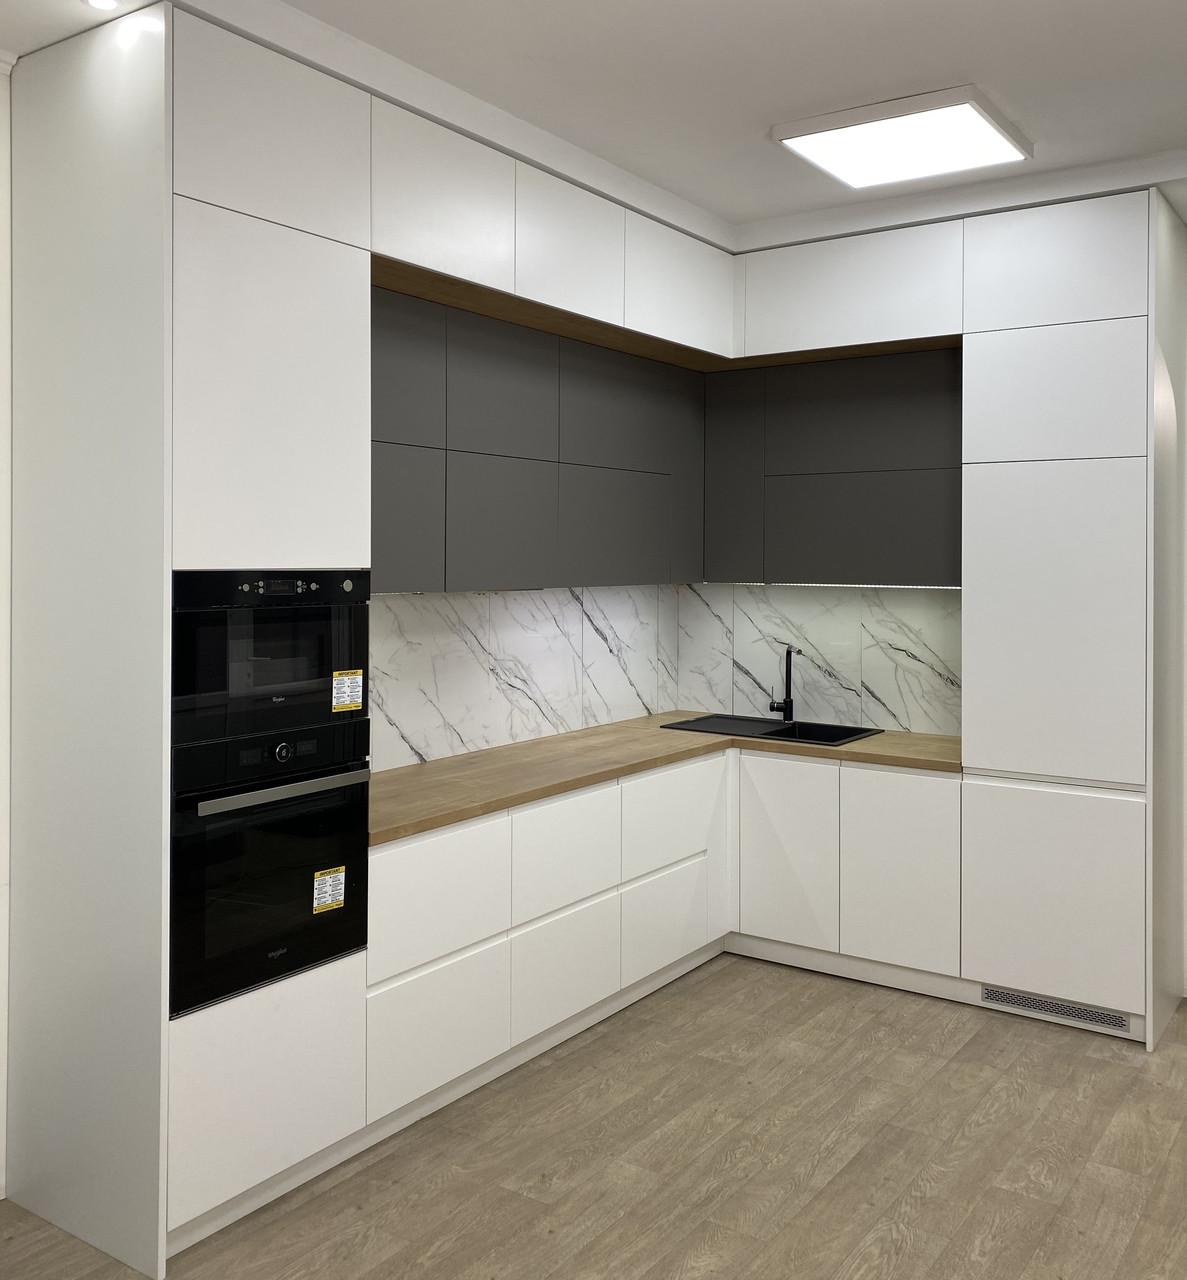 Кухня біла в два яруси середина сіра,стільниця під дерево